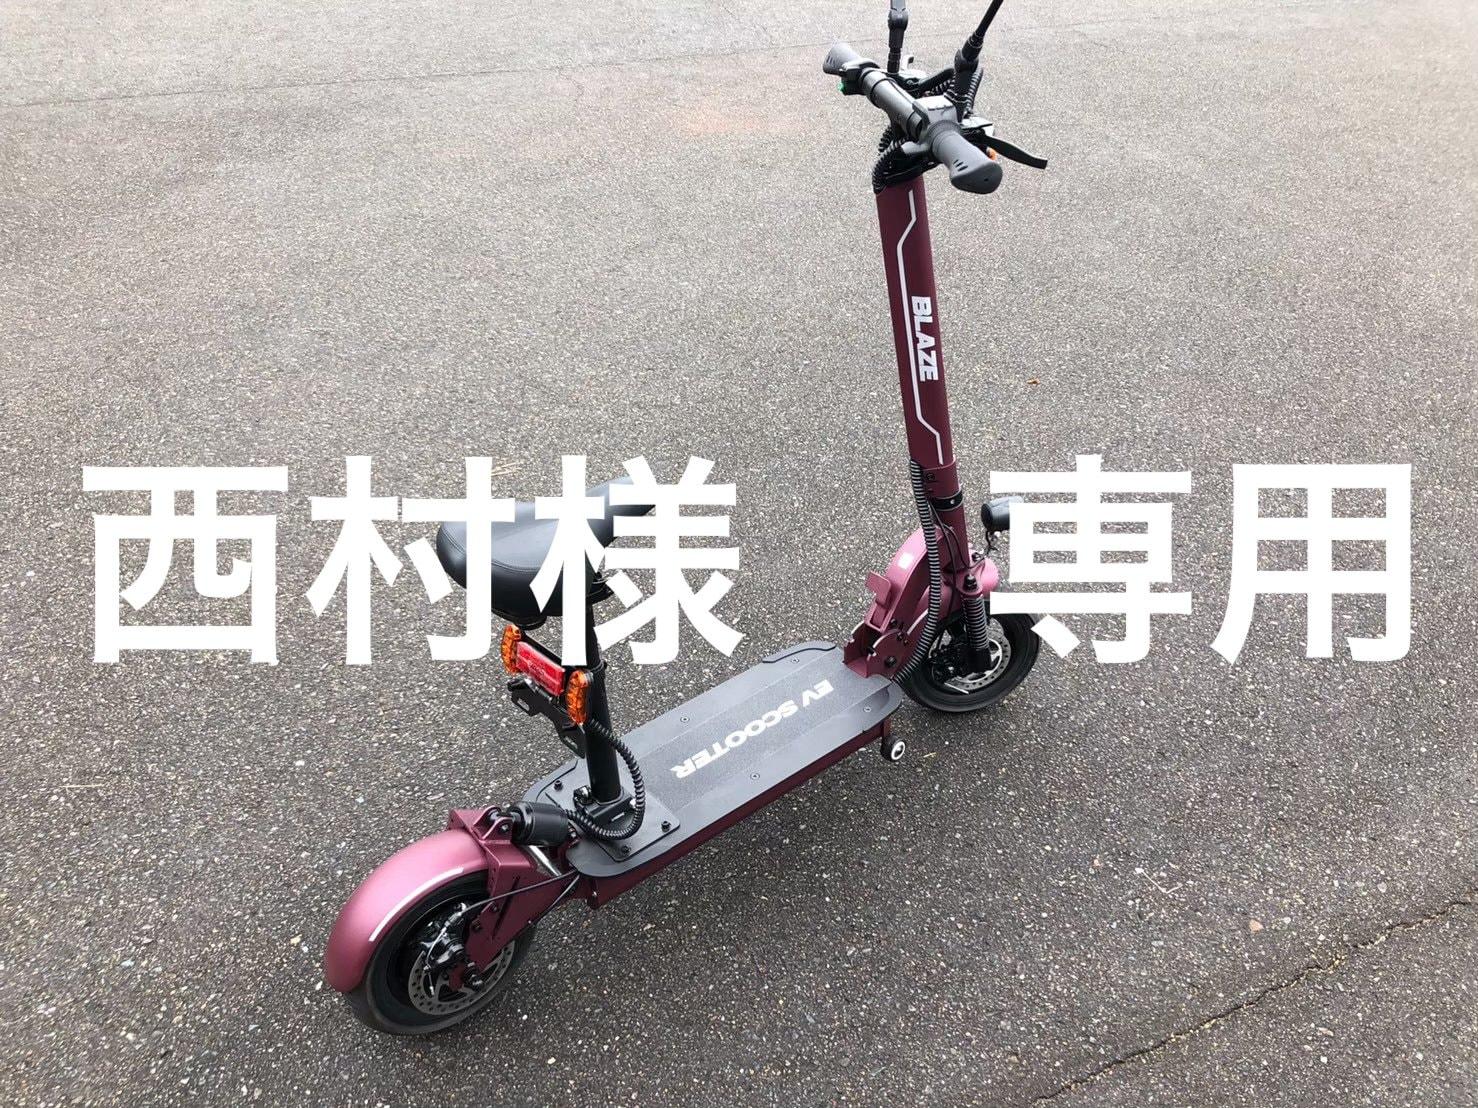 100%電気で動く折畳み可能な電動バイク ブレイズEVスクーター(ワインレッド色)【現地払い・銀行振り込み専用チケット】のイメージその1